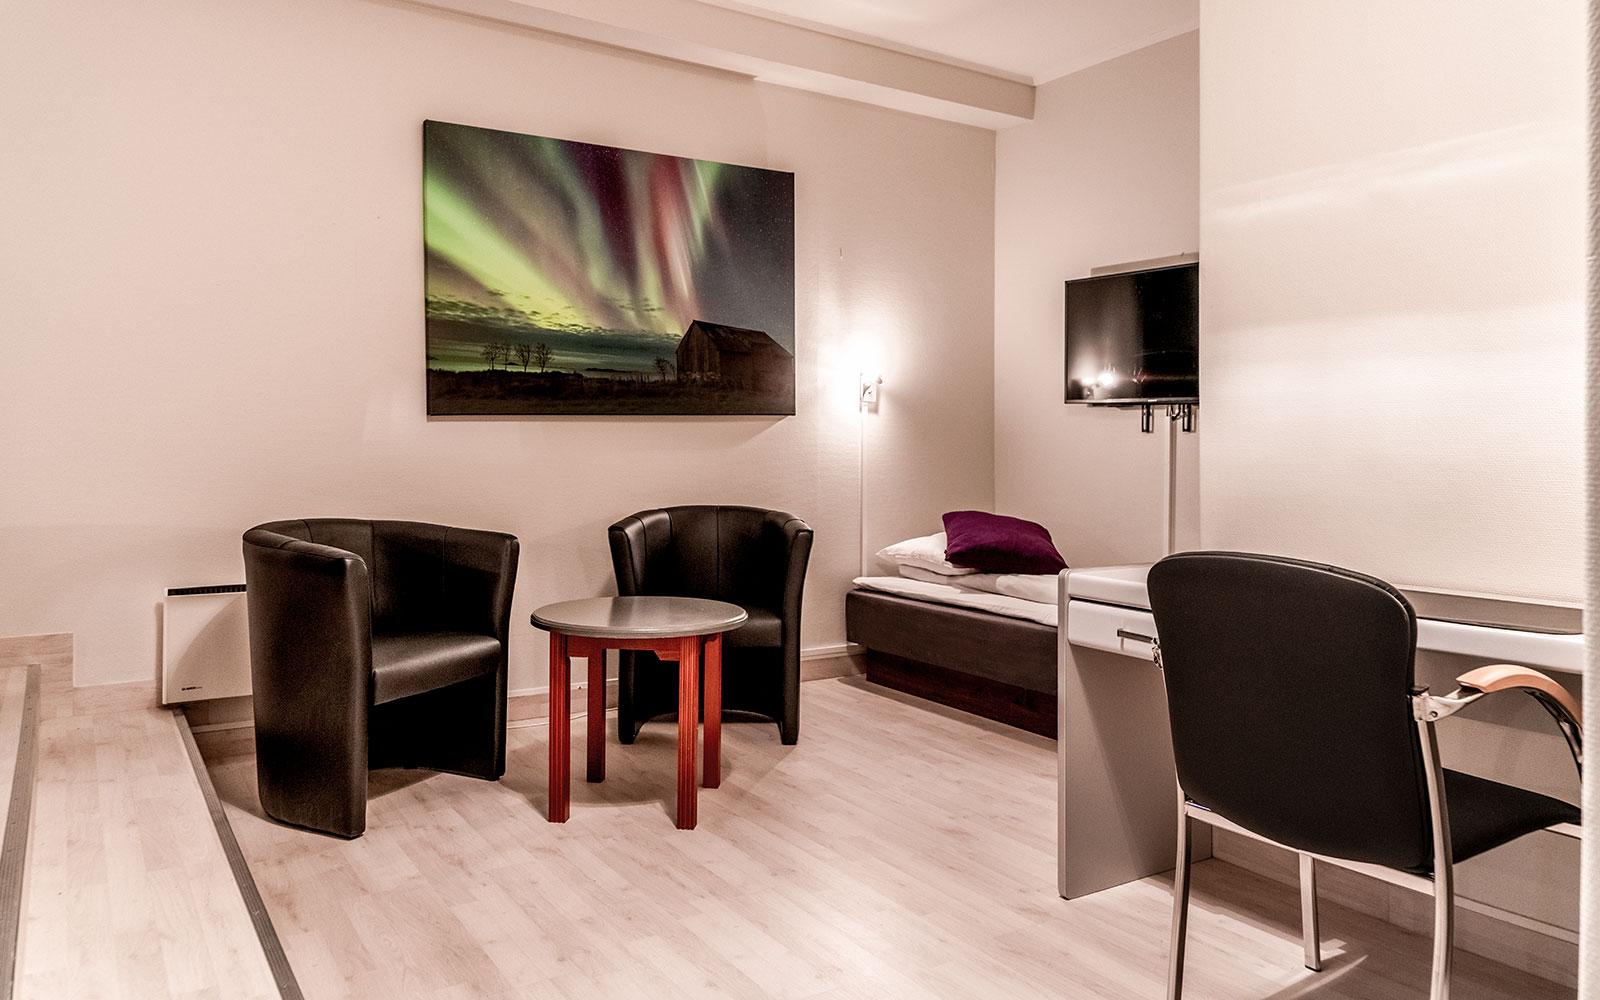 Melbu Hotel trippelrom - enkeltseng og stoler